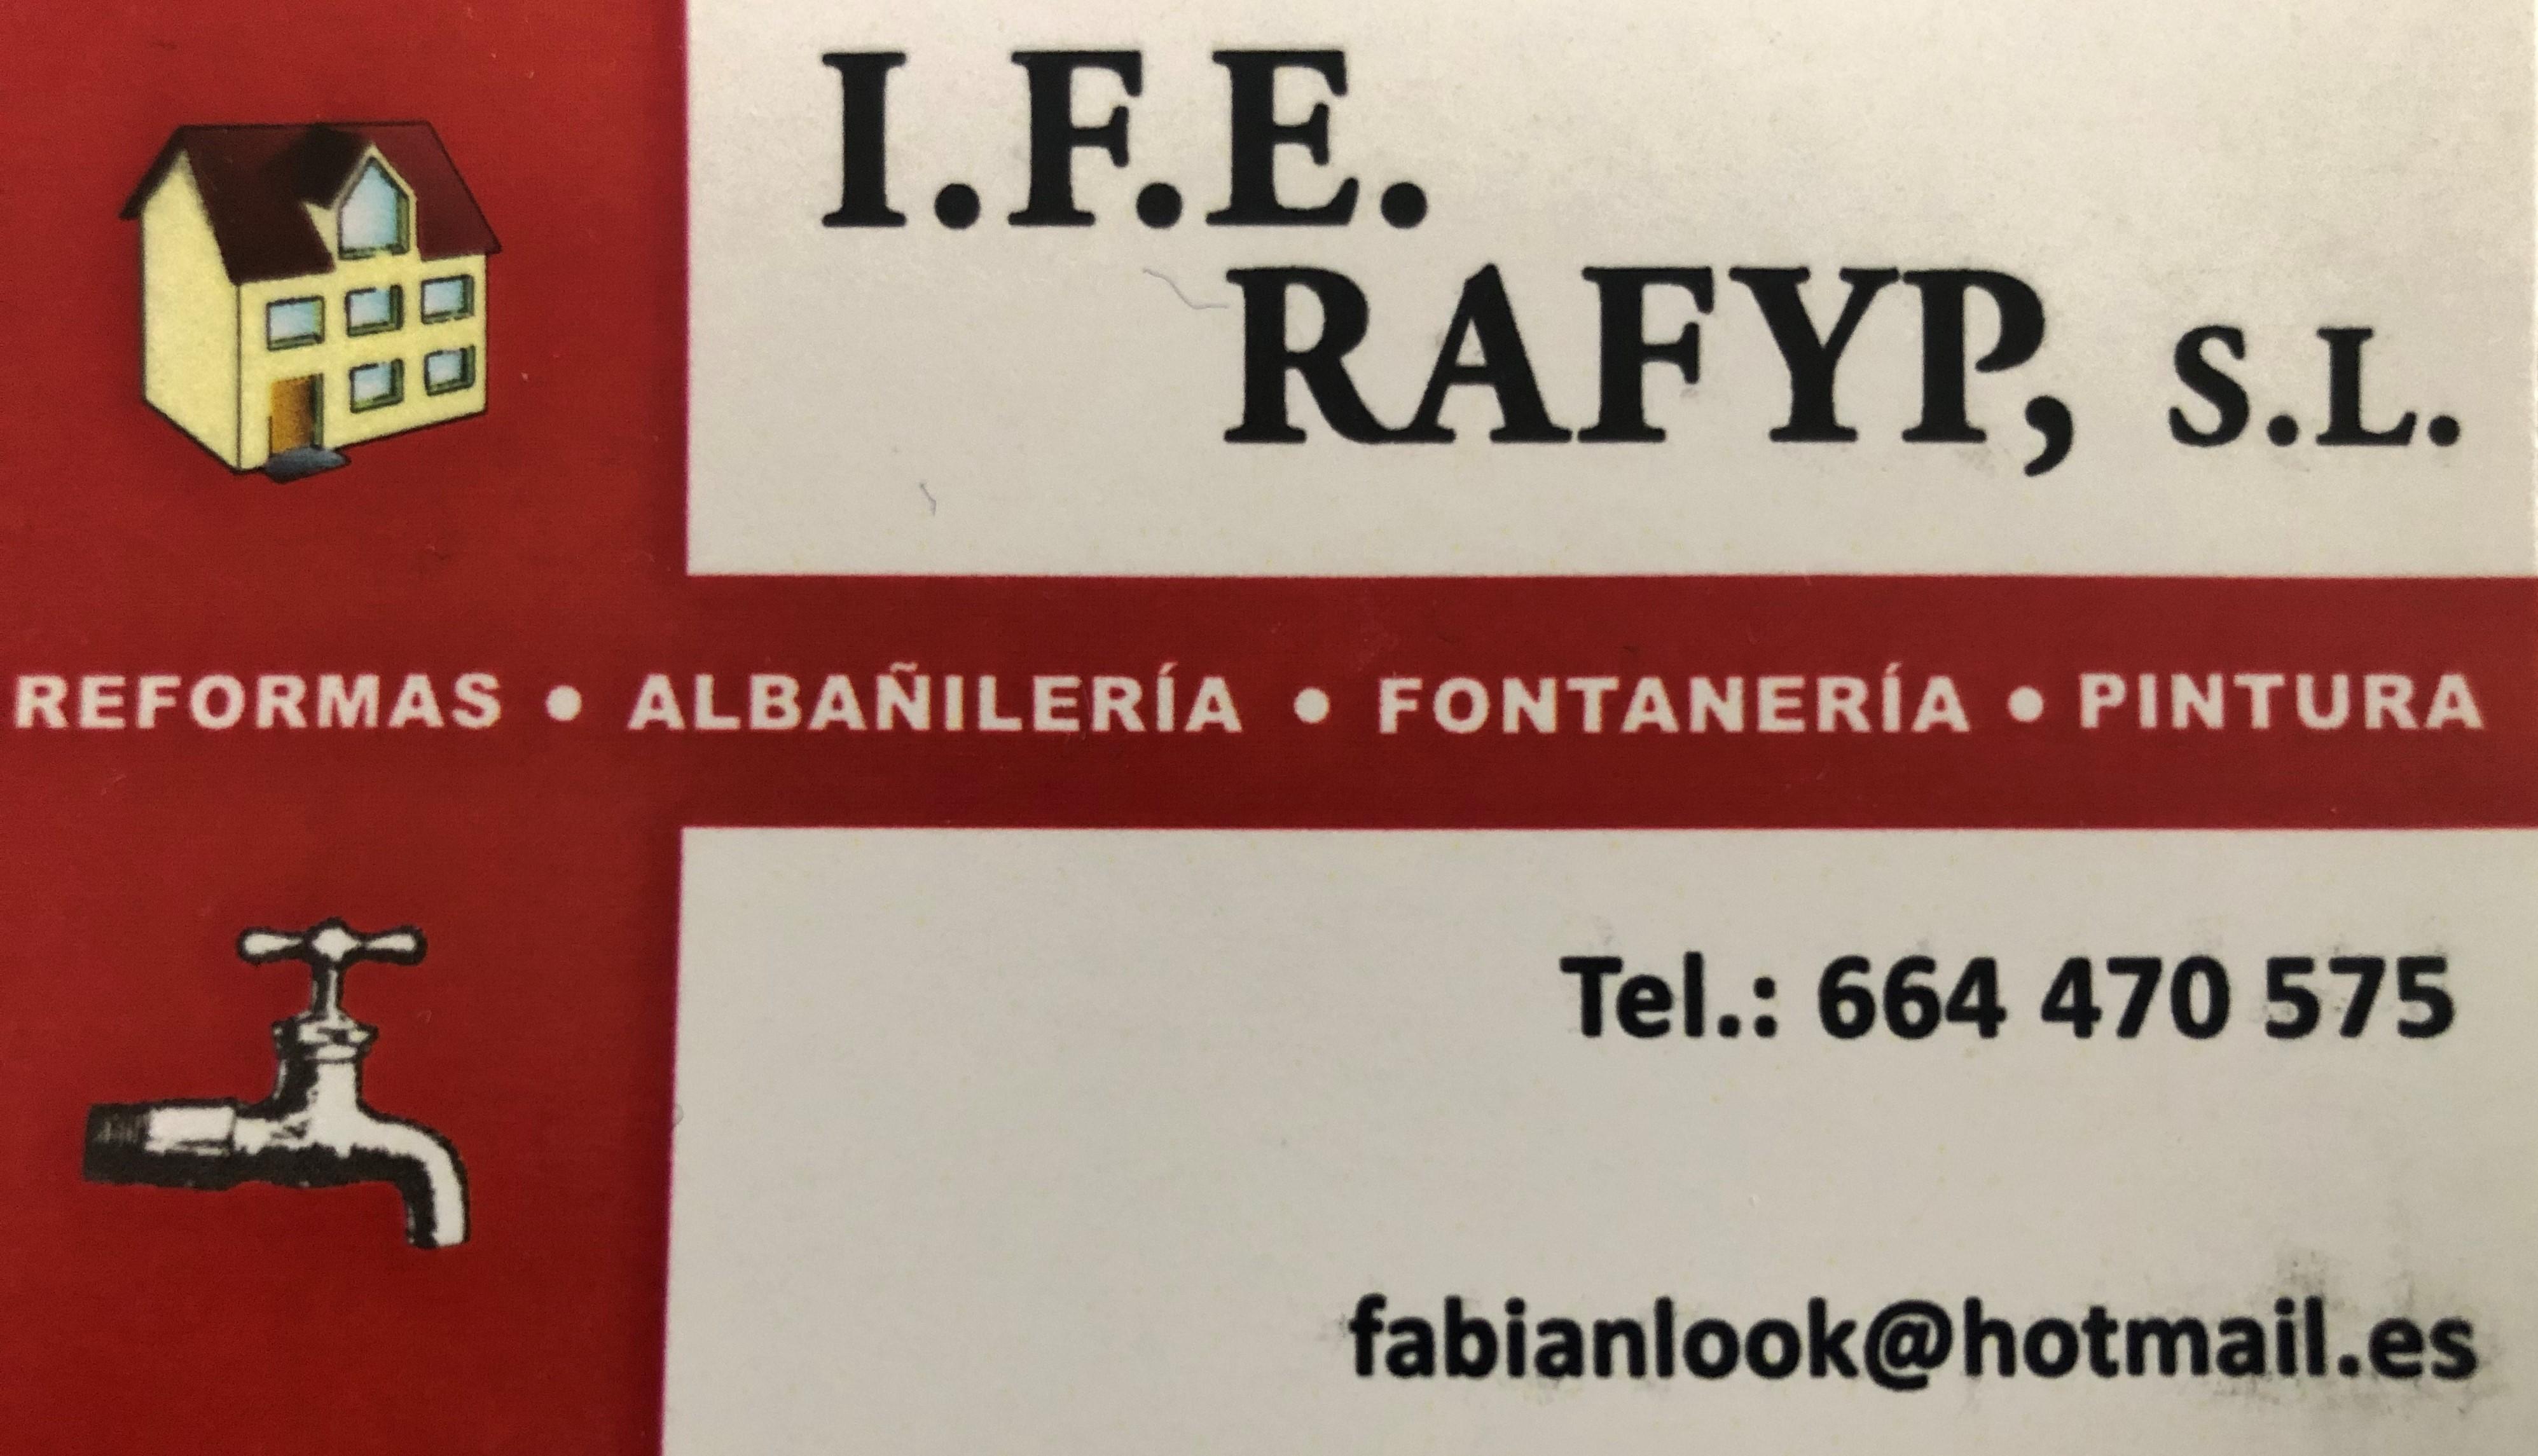 I.f.e. Rafyp